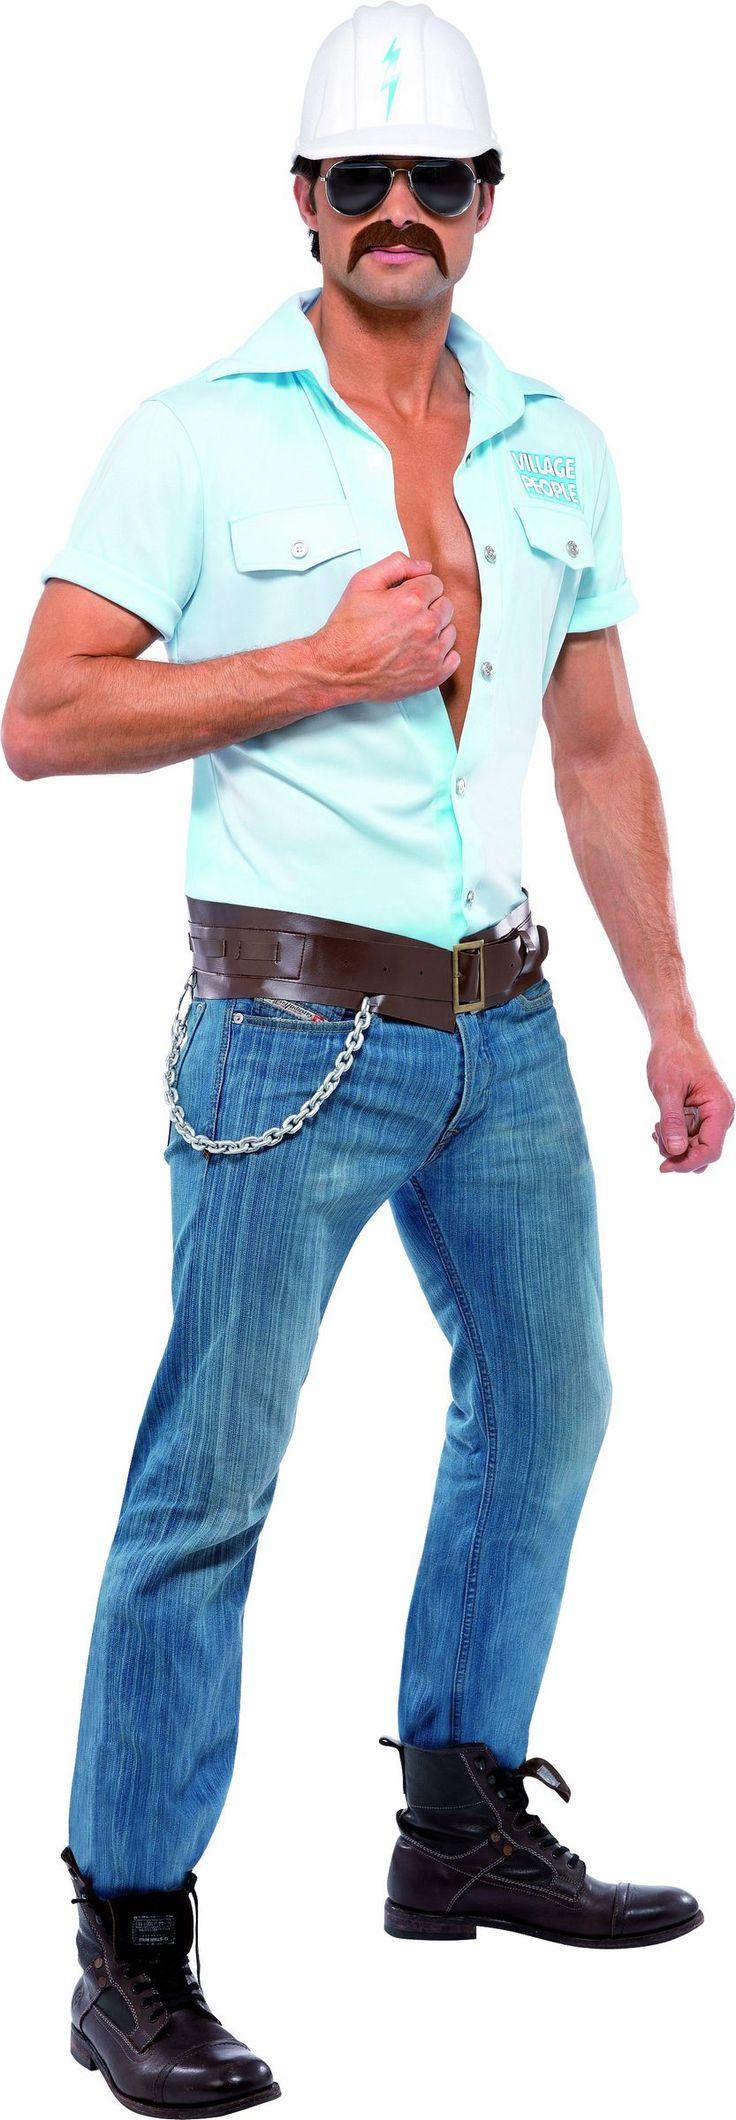 Kostuums Village People ™ werknemer: Dit officieel gelicenseerde Village People™ kostuumbevat een hemel blauw shirt, een witte helm, een bruine riem en een zonnebril (Snor, broek en schoenen niet inbegrepen). Dit kostuum is...